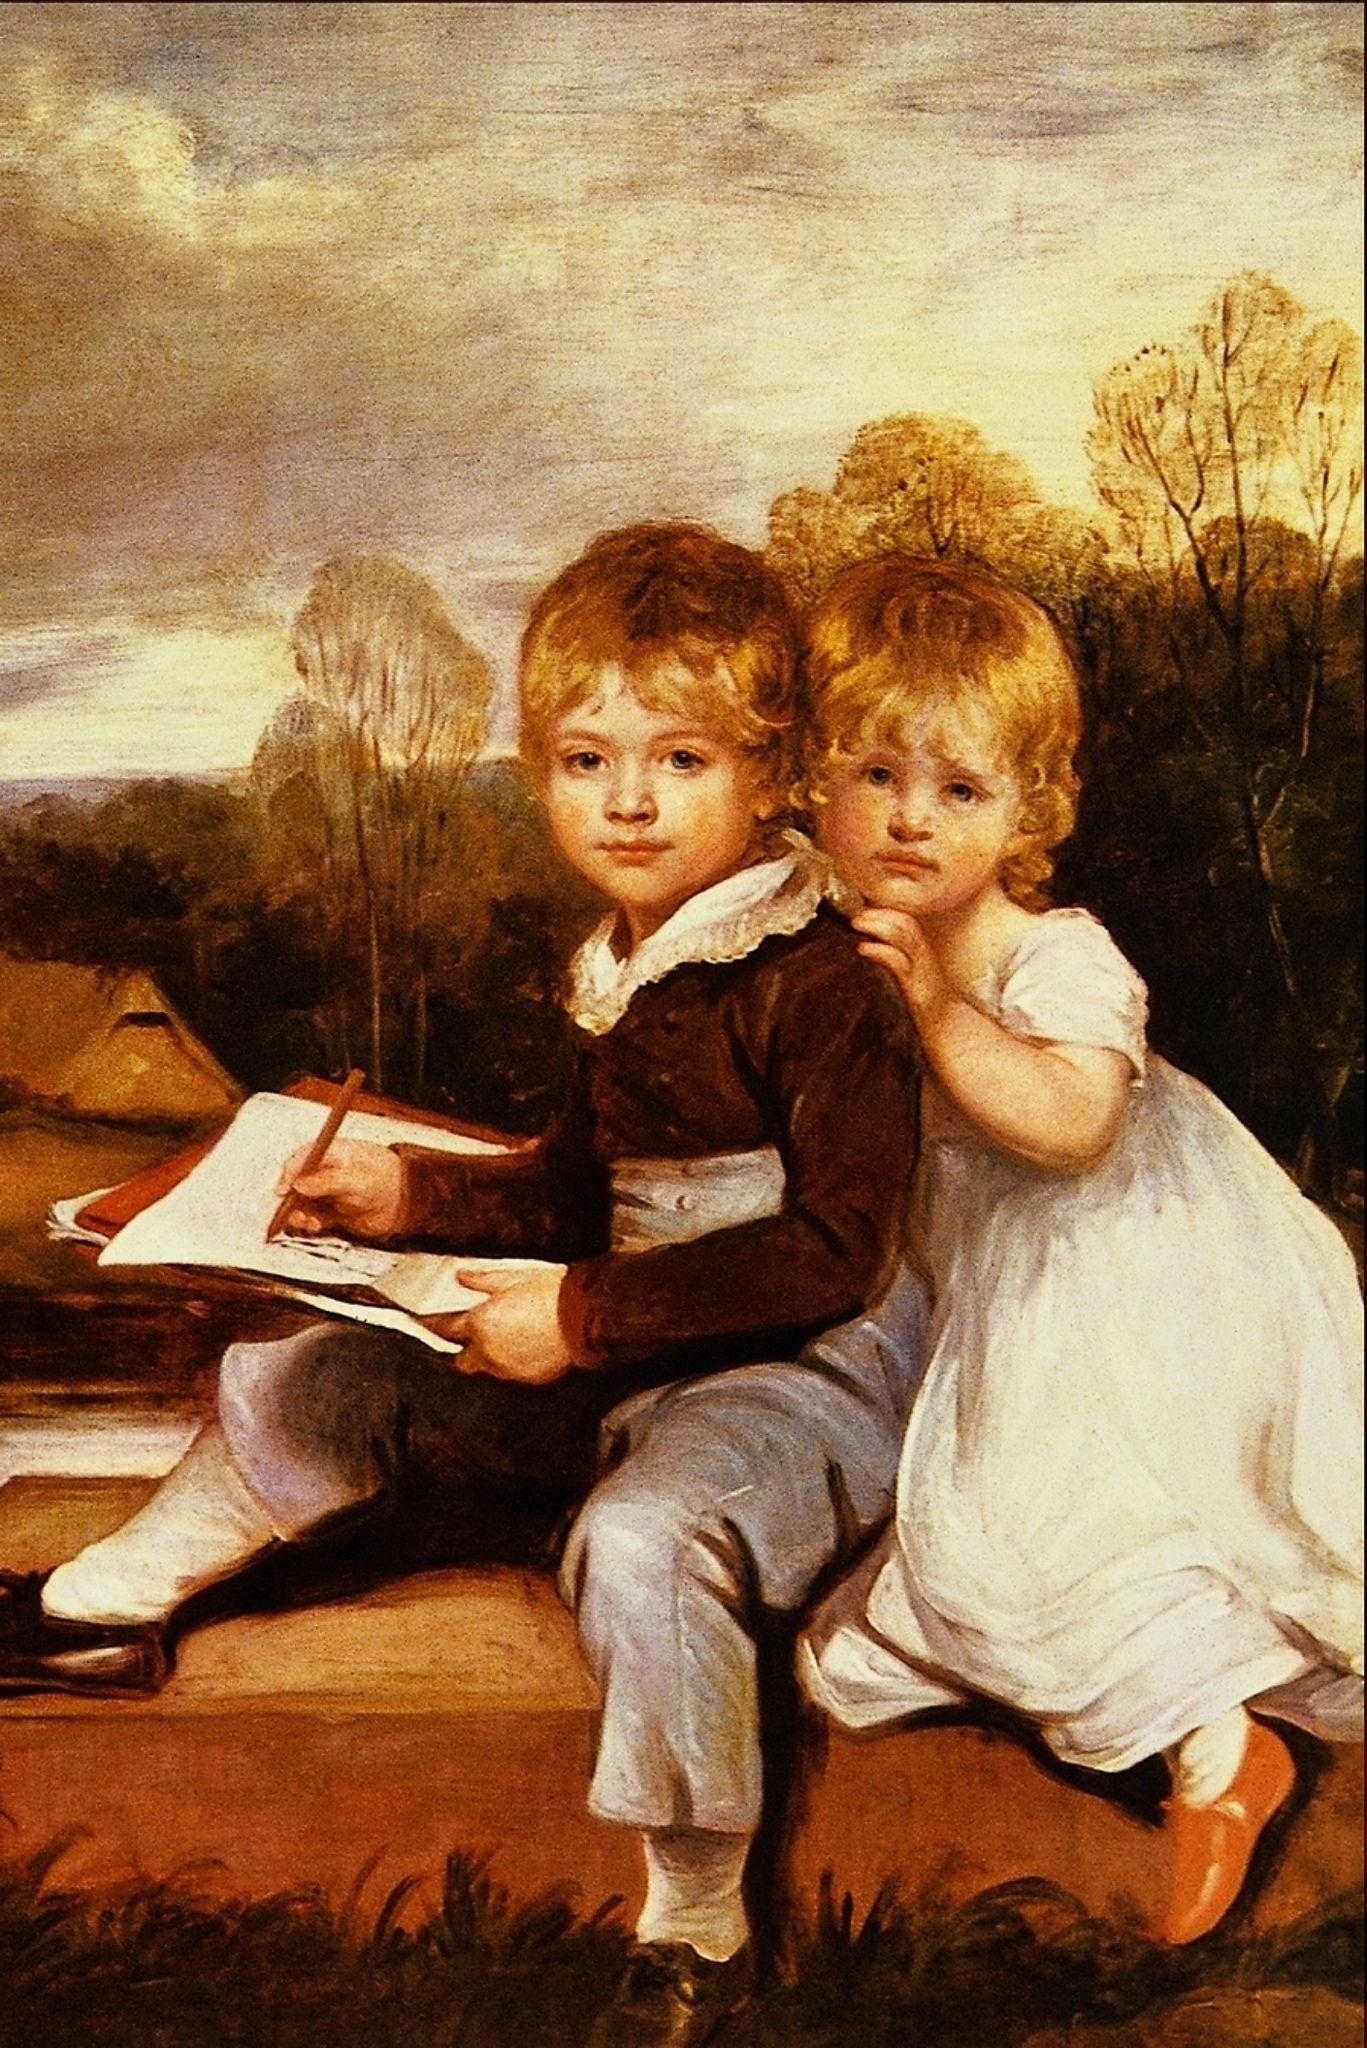 Художественные открытки с детьми, надписью